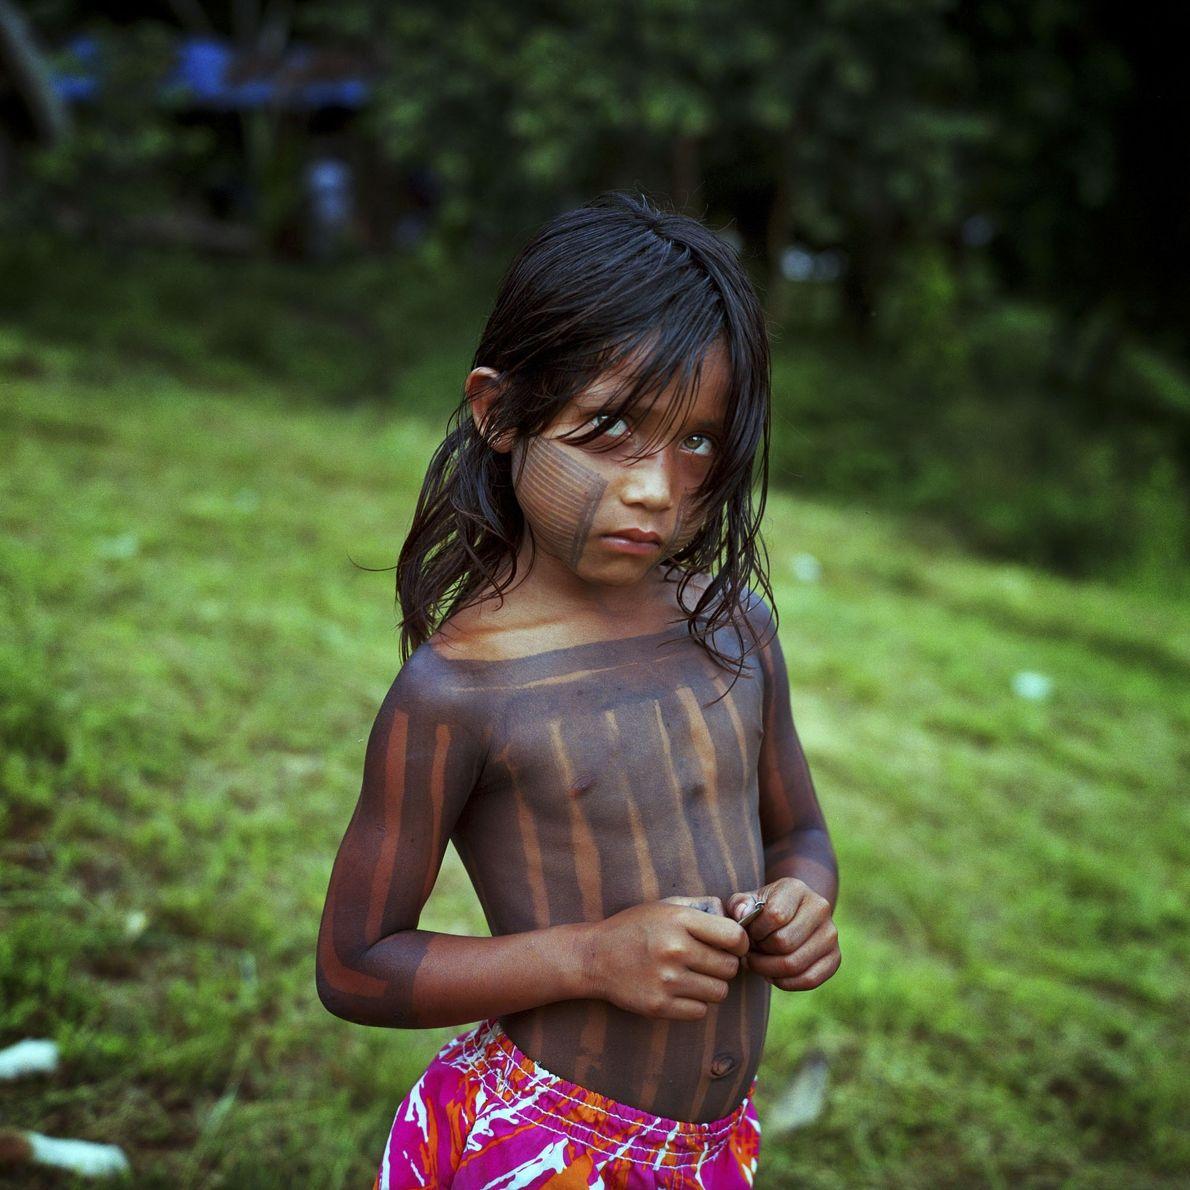 Ein Kind vor Ufer